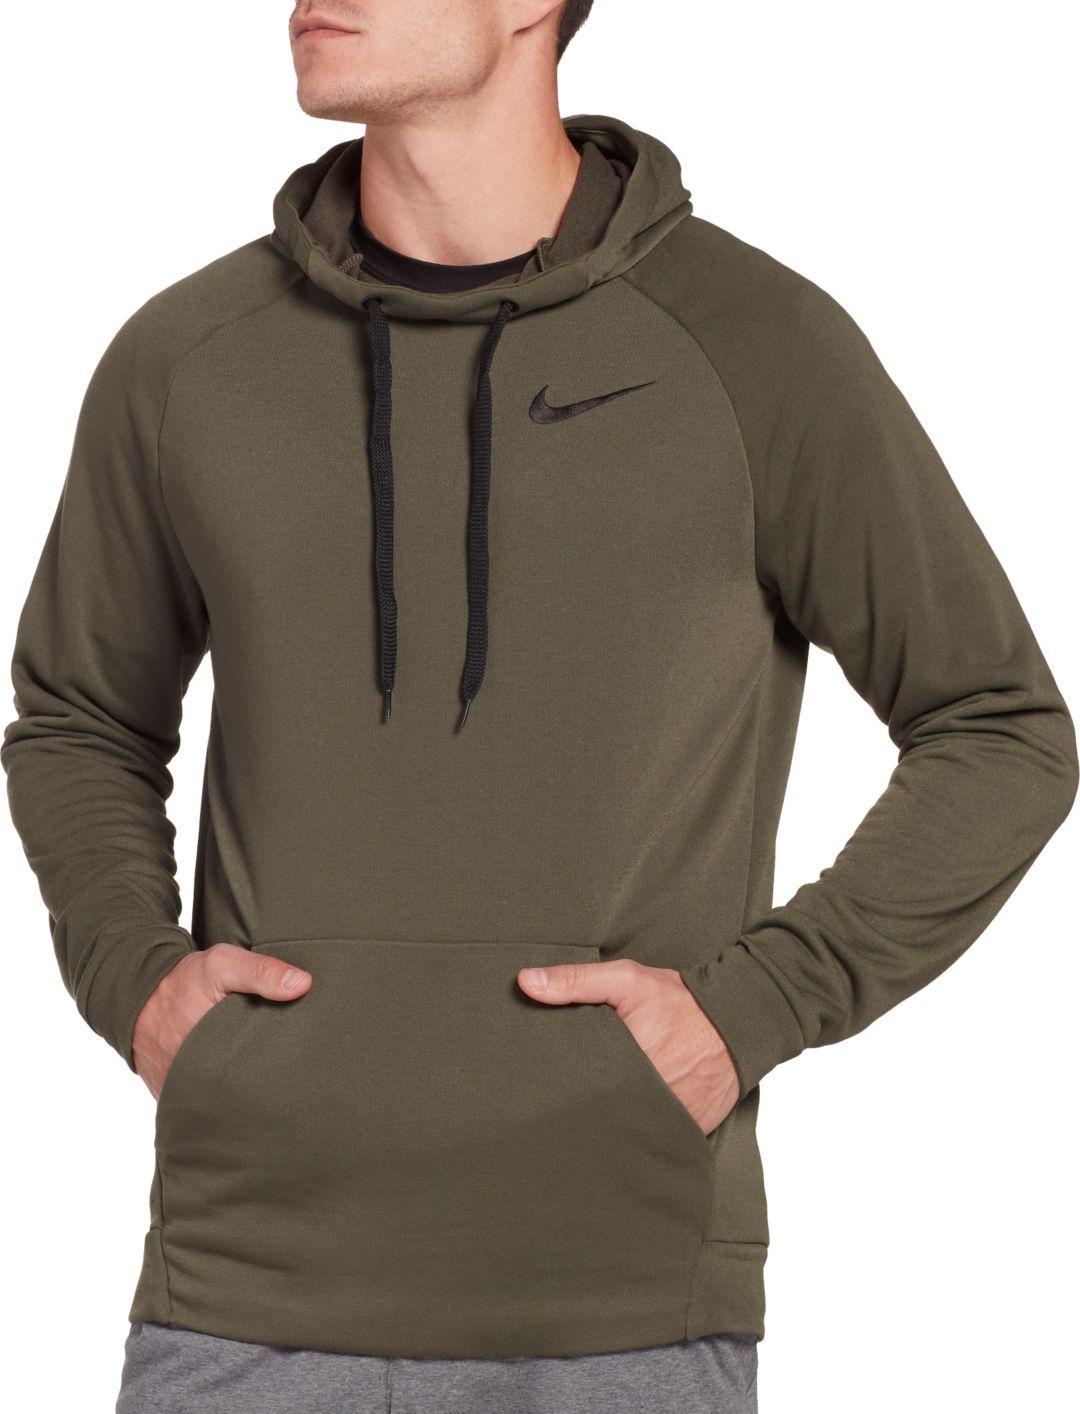 b509afd82 Nike Men's Dry Fleece Hoodie | DICK'S Sporting Goods